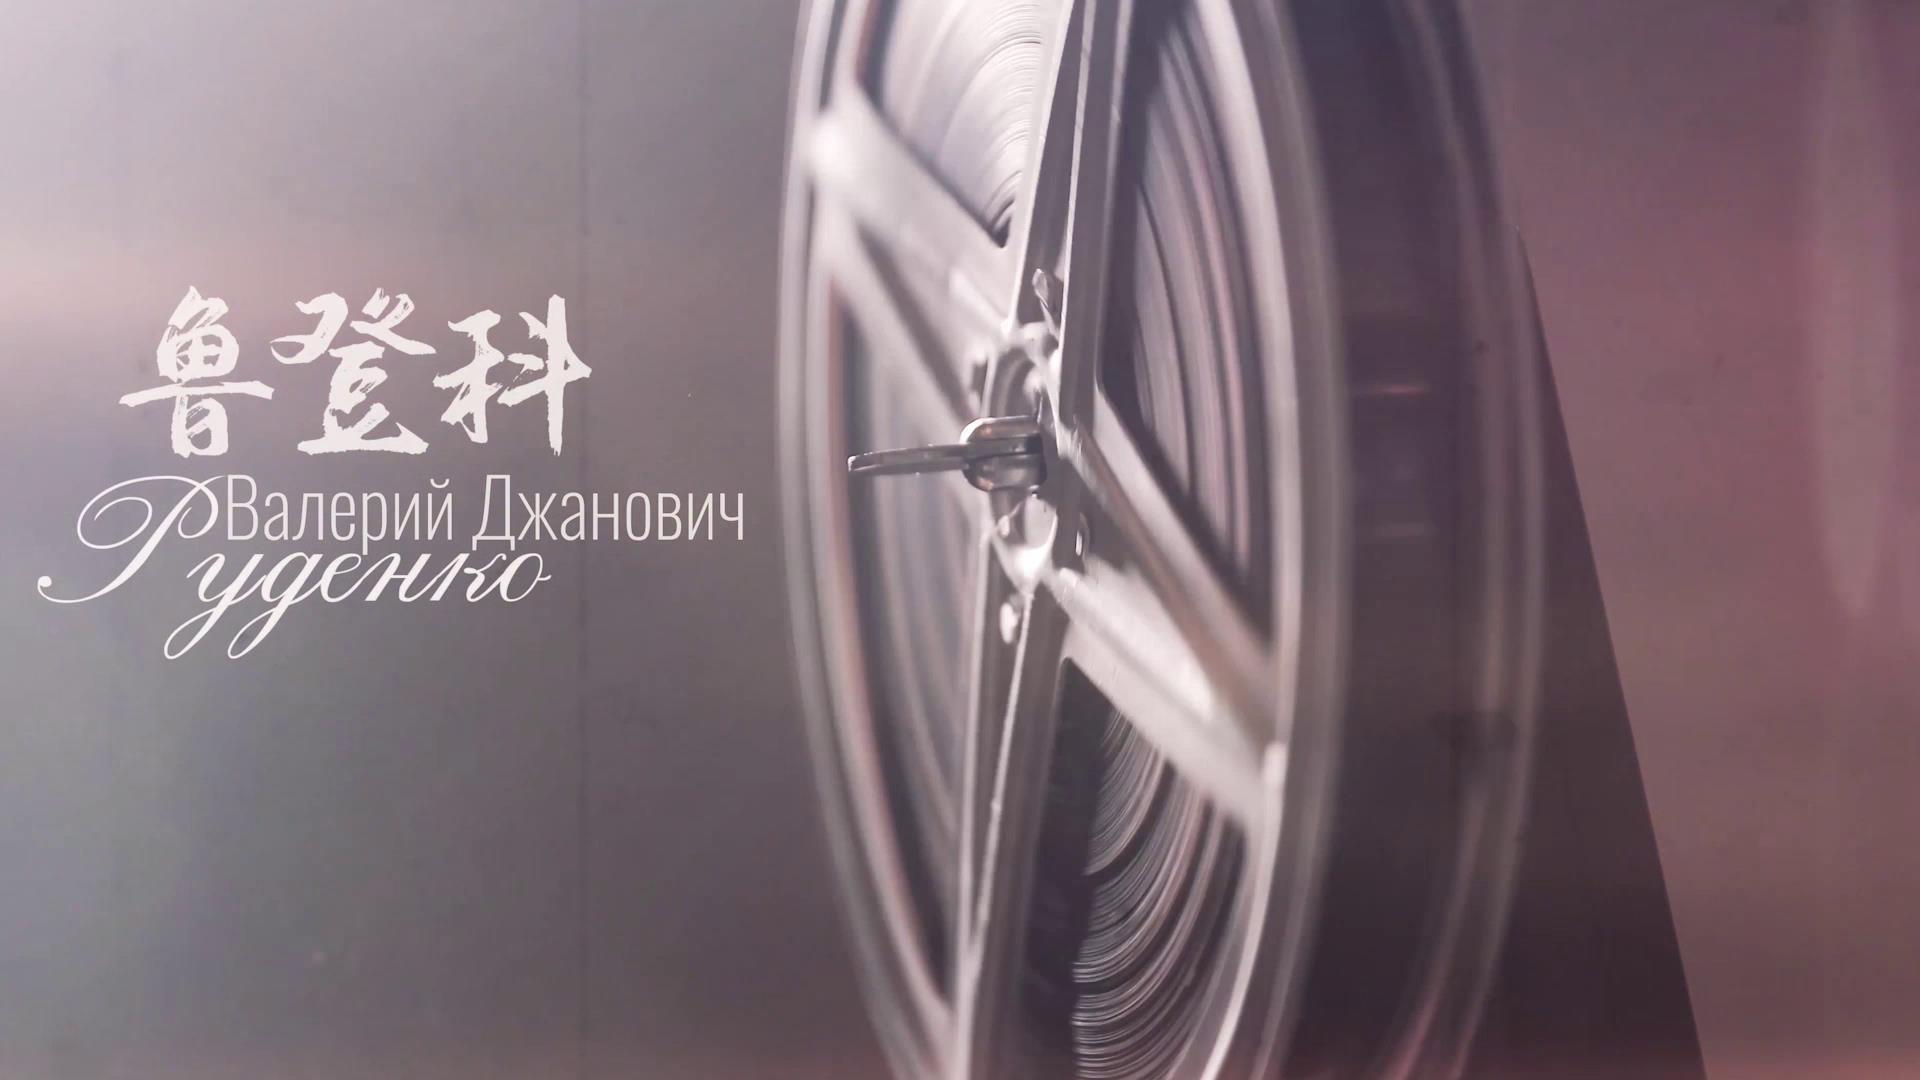 【辉煌七十载?老外在中国】鲁登科:未来定将一片光明图片